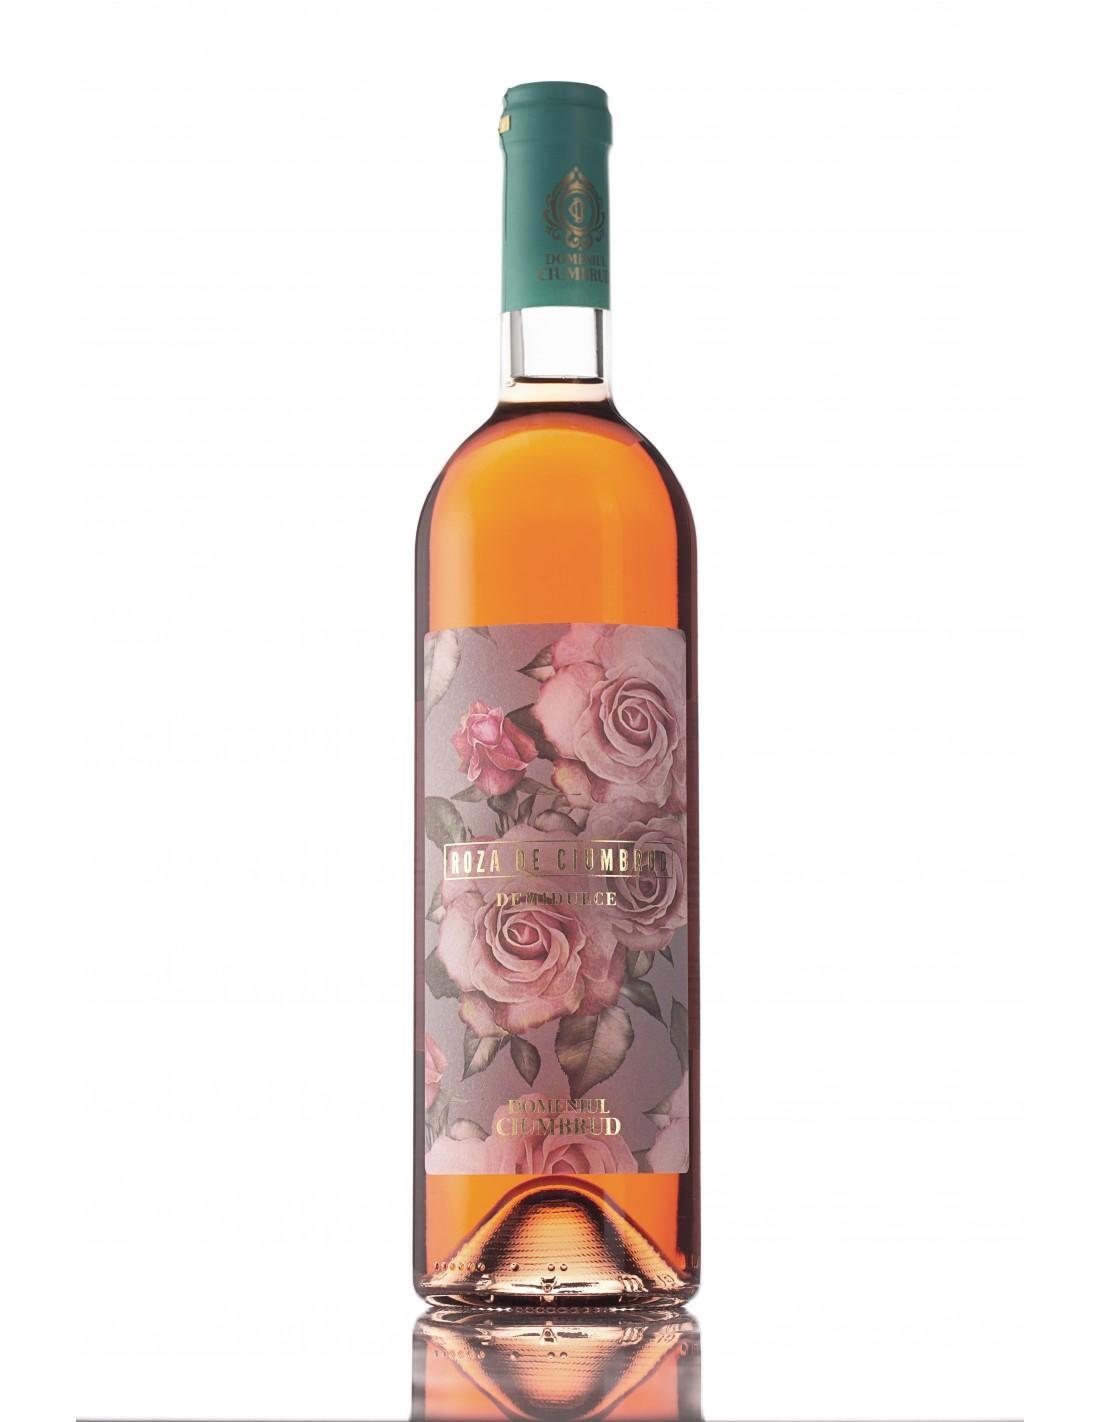 Vin rose demidulce, Feteasca Neagra & Pinot Noir, Roza de Ciumbrud, 12% alc., 0.75L, Romania